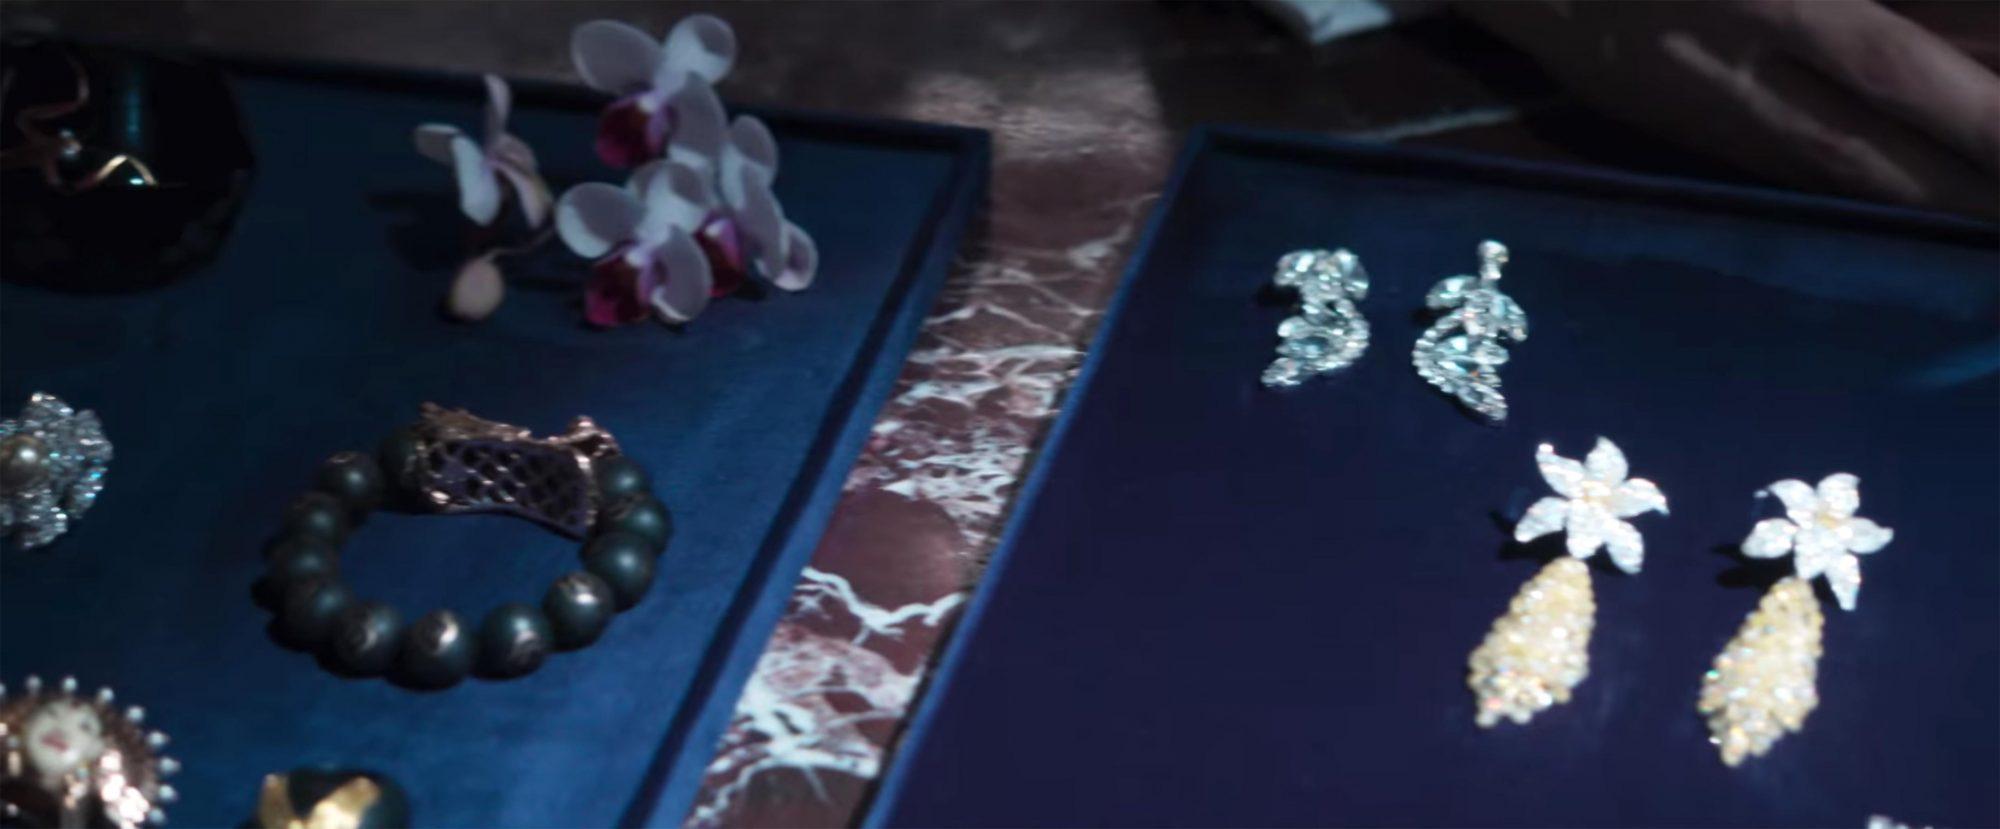 Burmese pearl drop earrings: $1.2 million